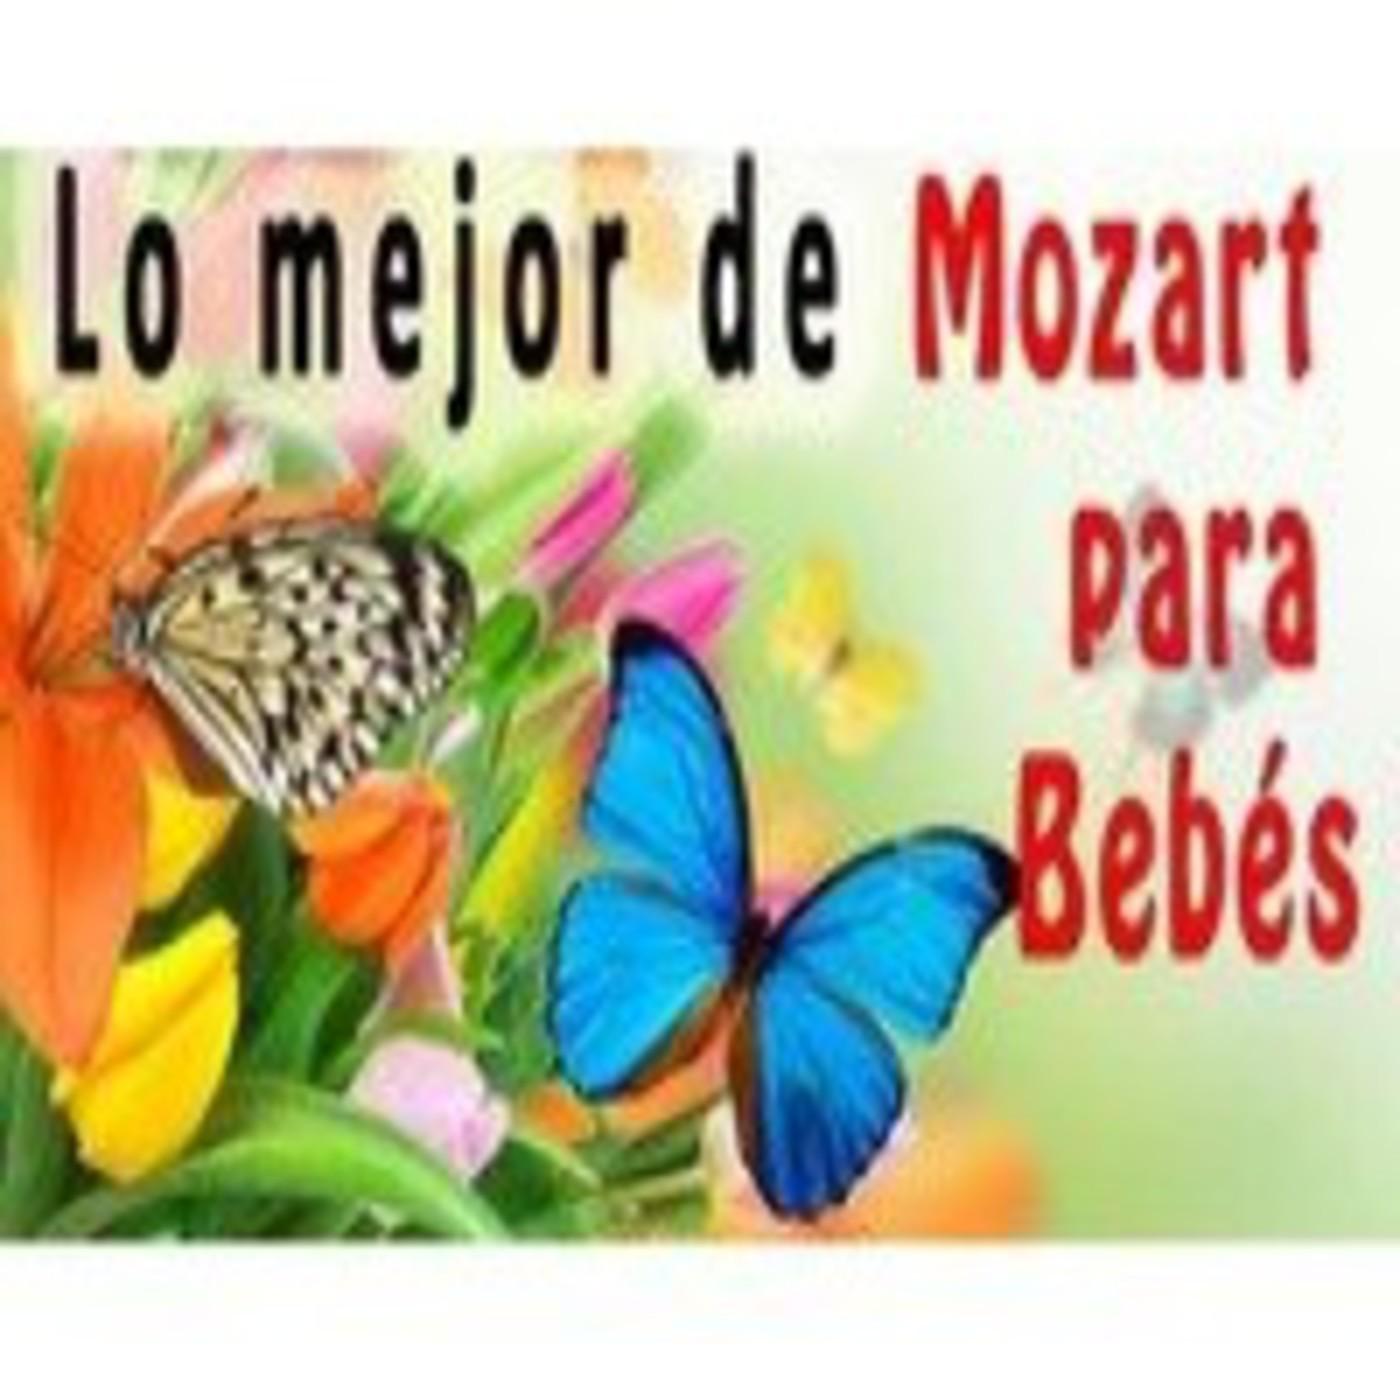 Mozart Efecto, MÚSICA PARA ESCUCHAR  - Portal Infantil